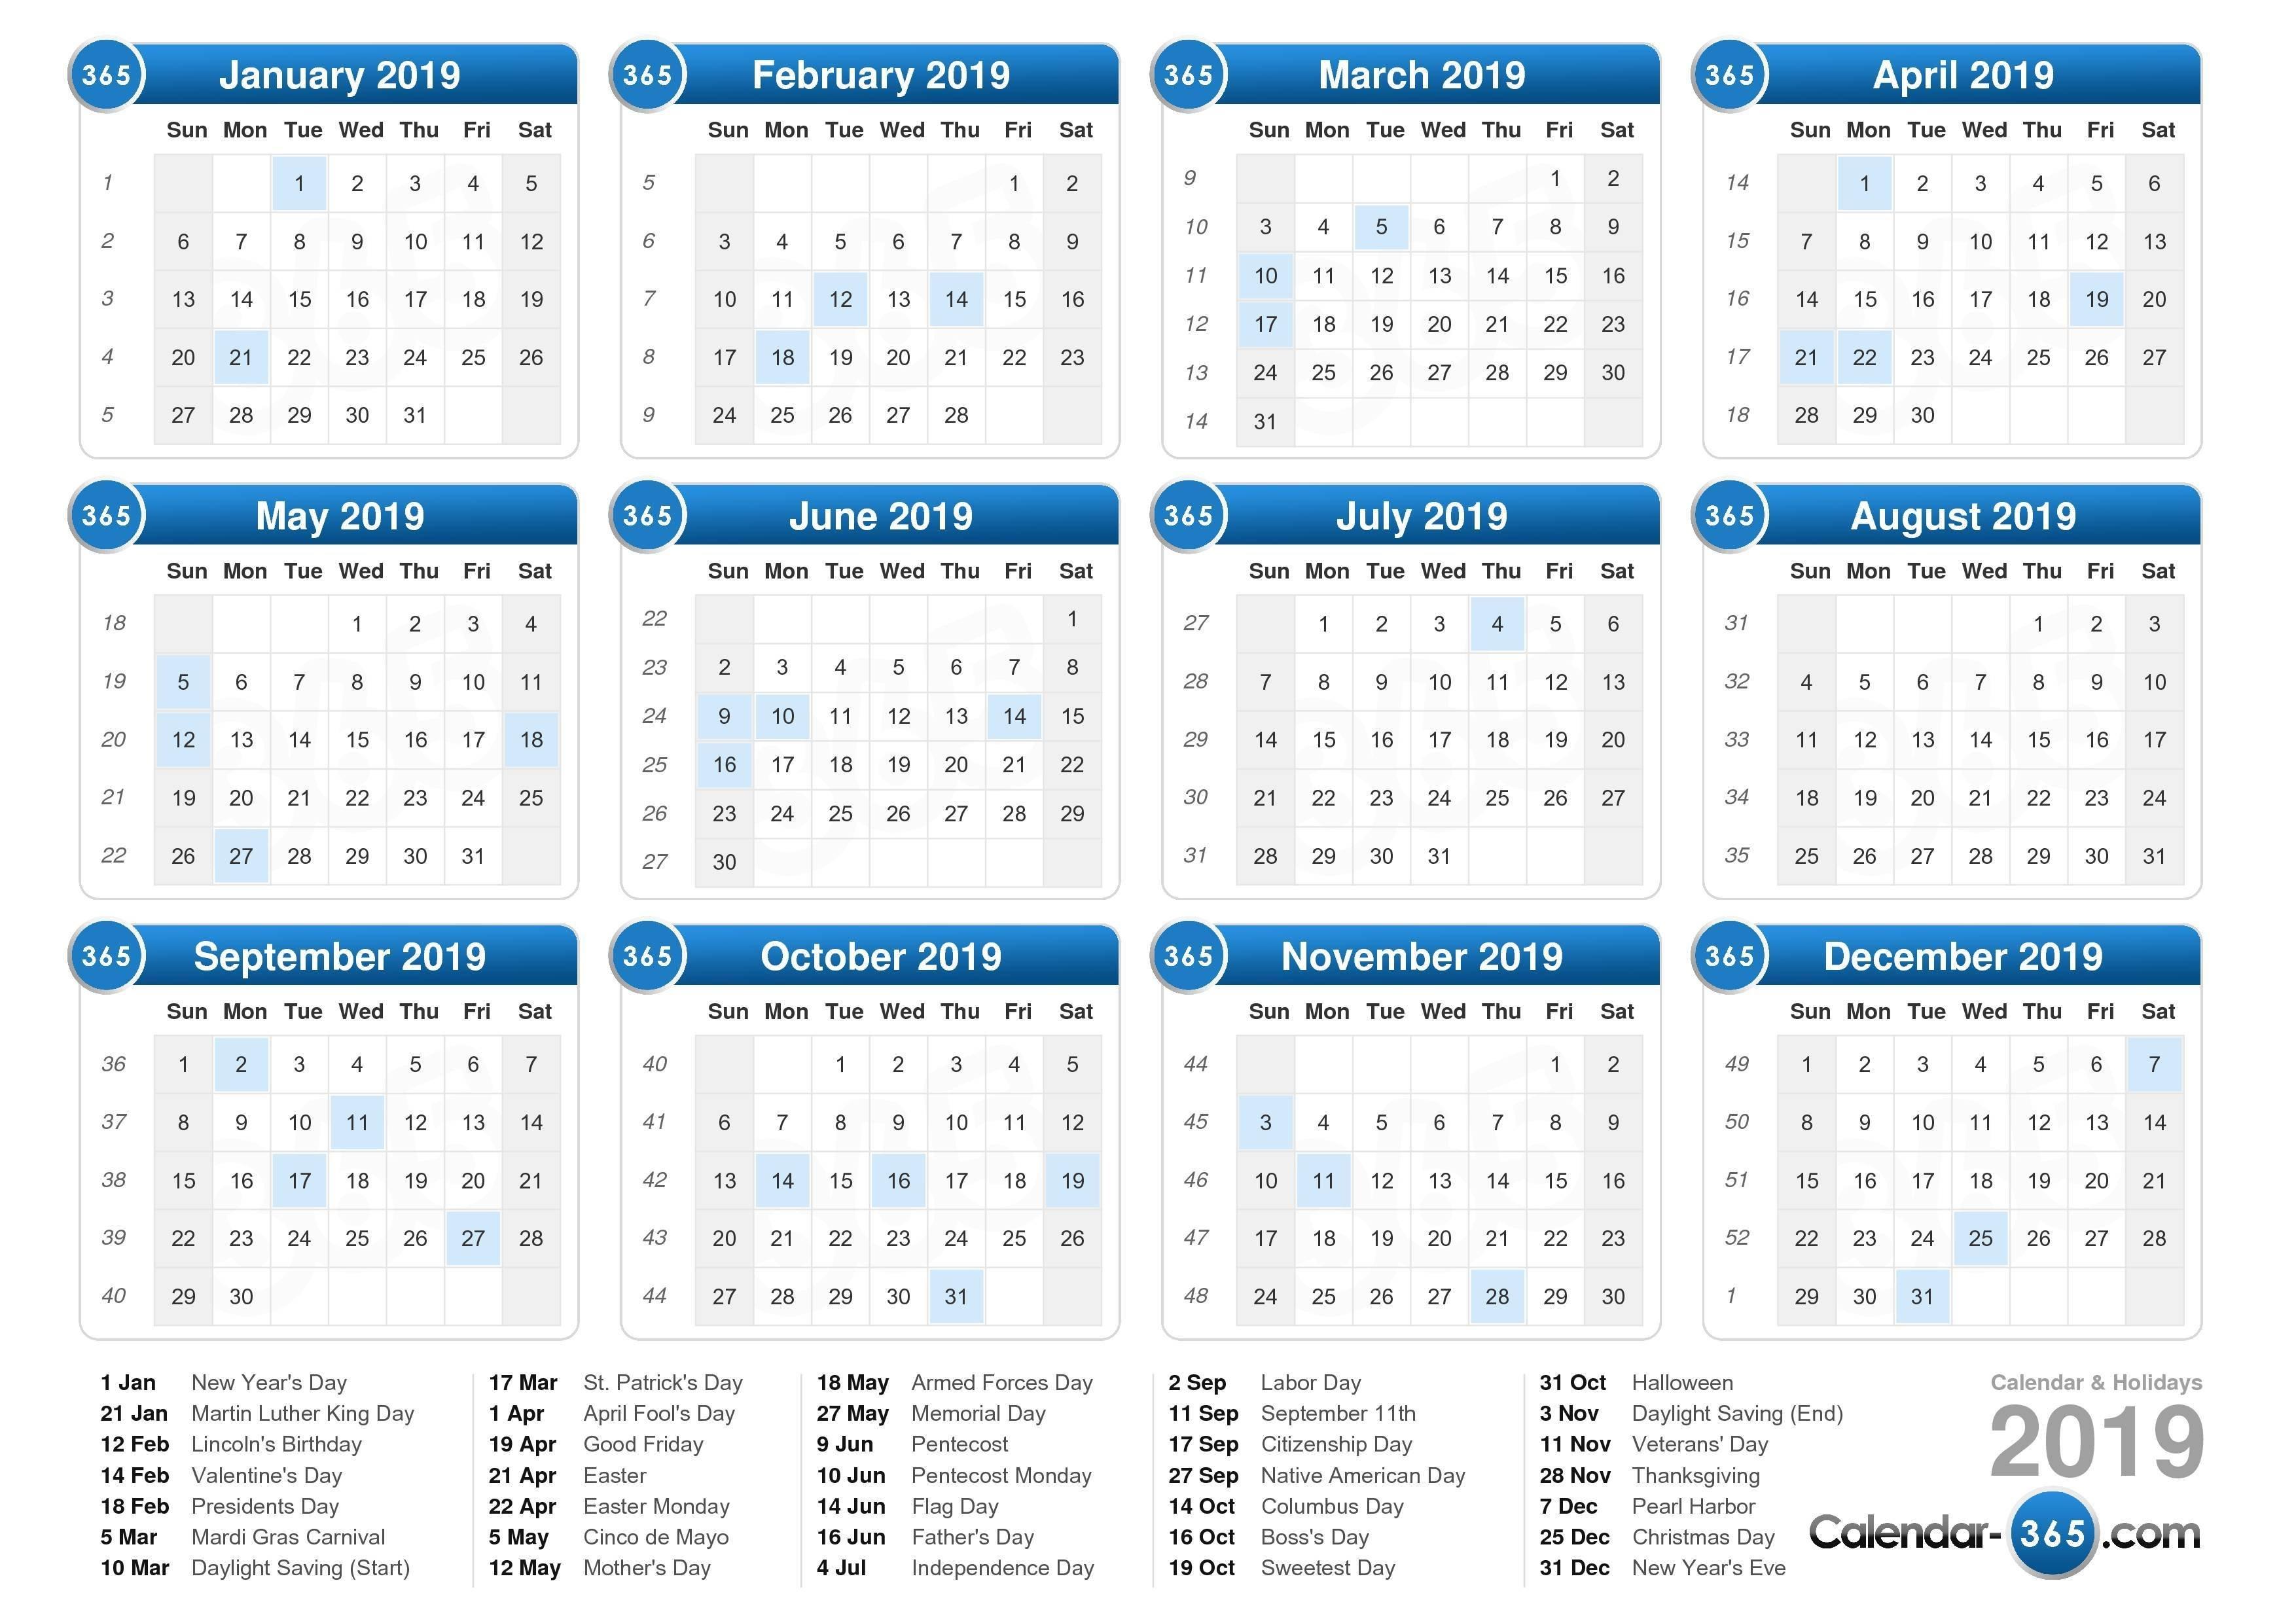 2019 Calendar Calendar 2019 By Week